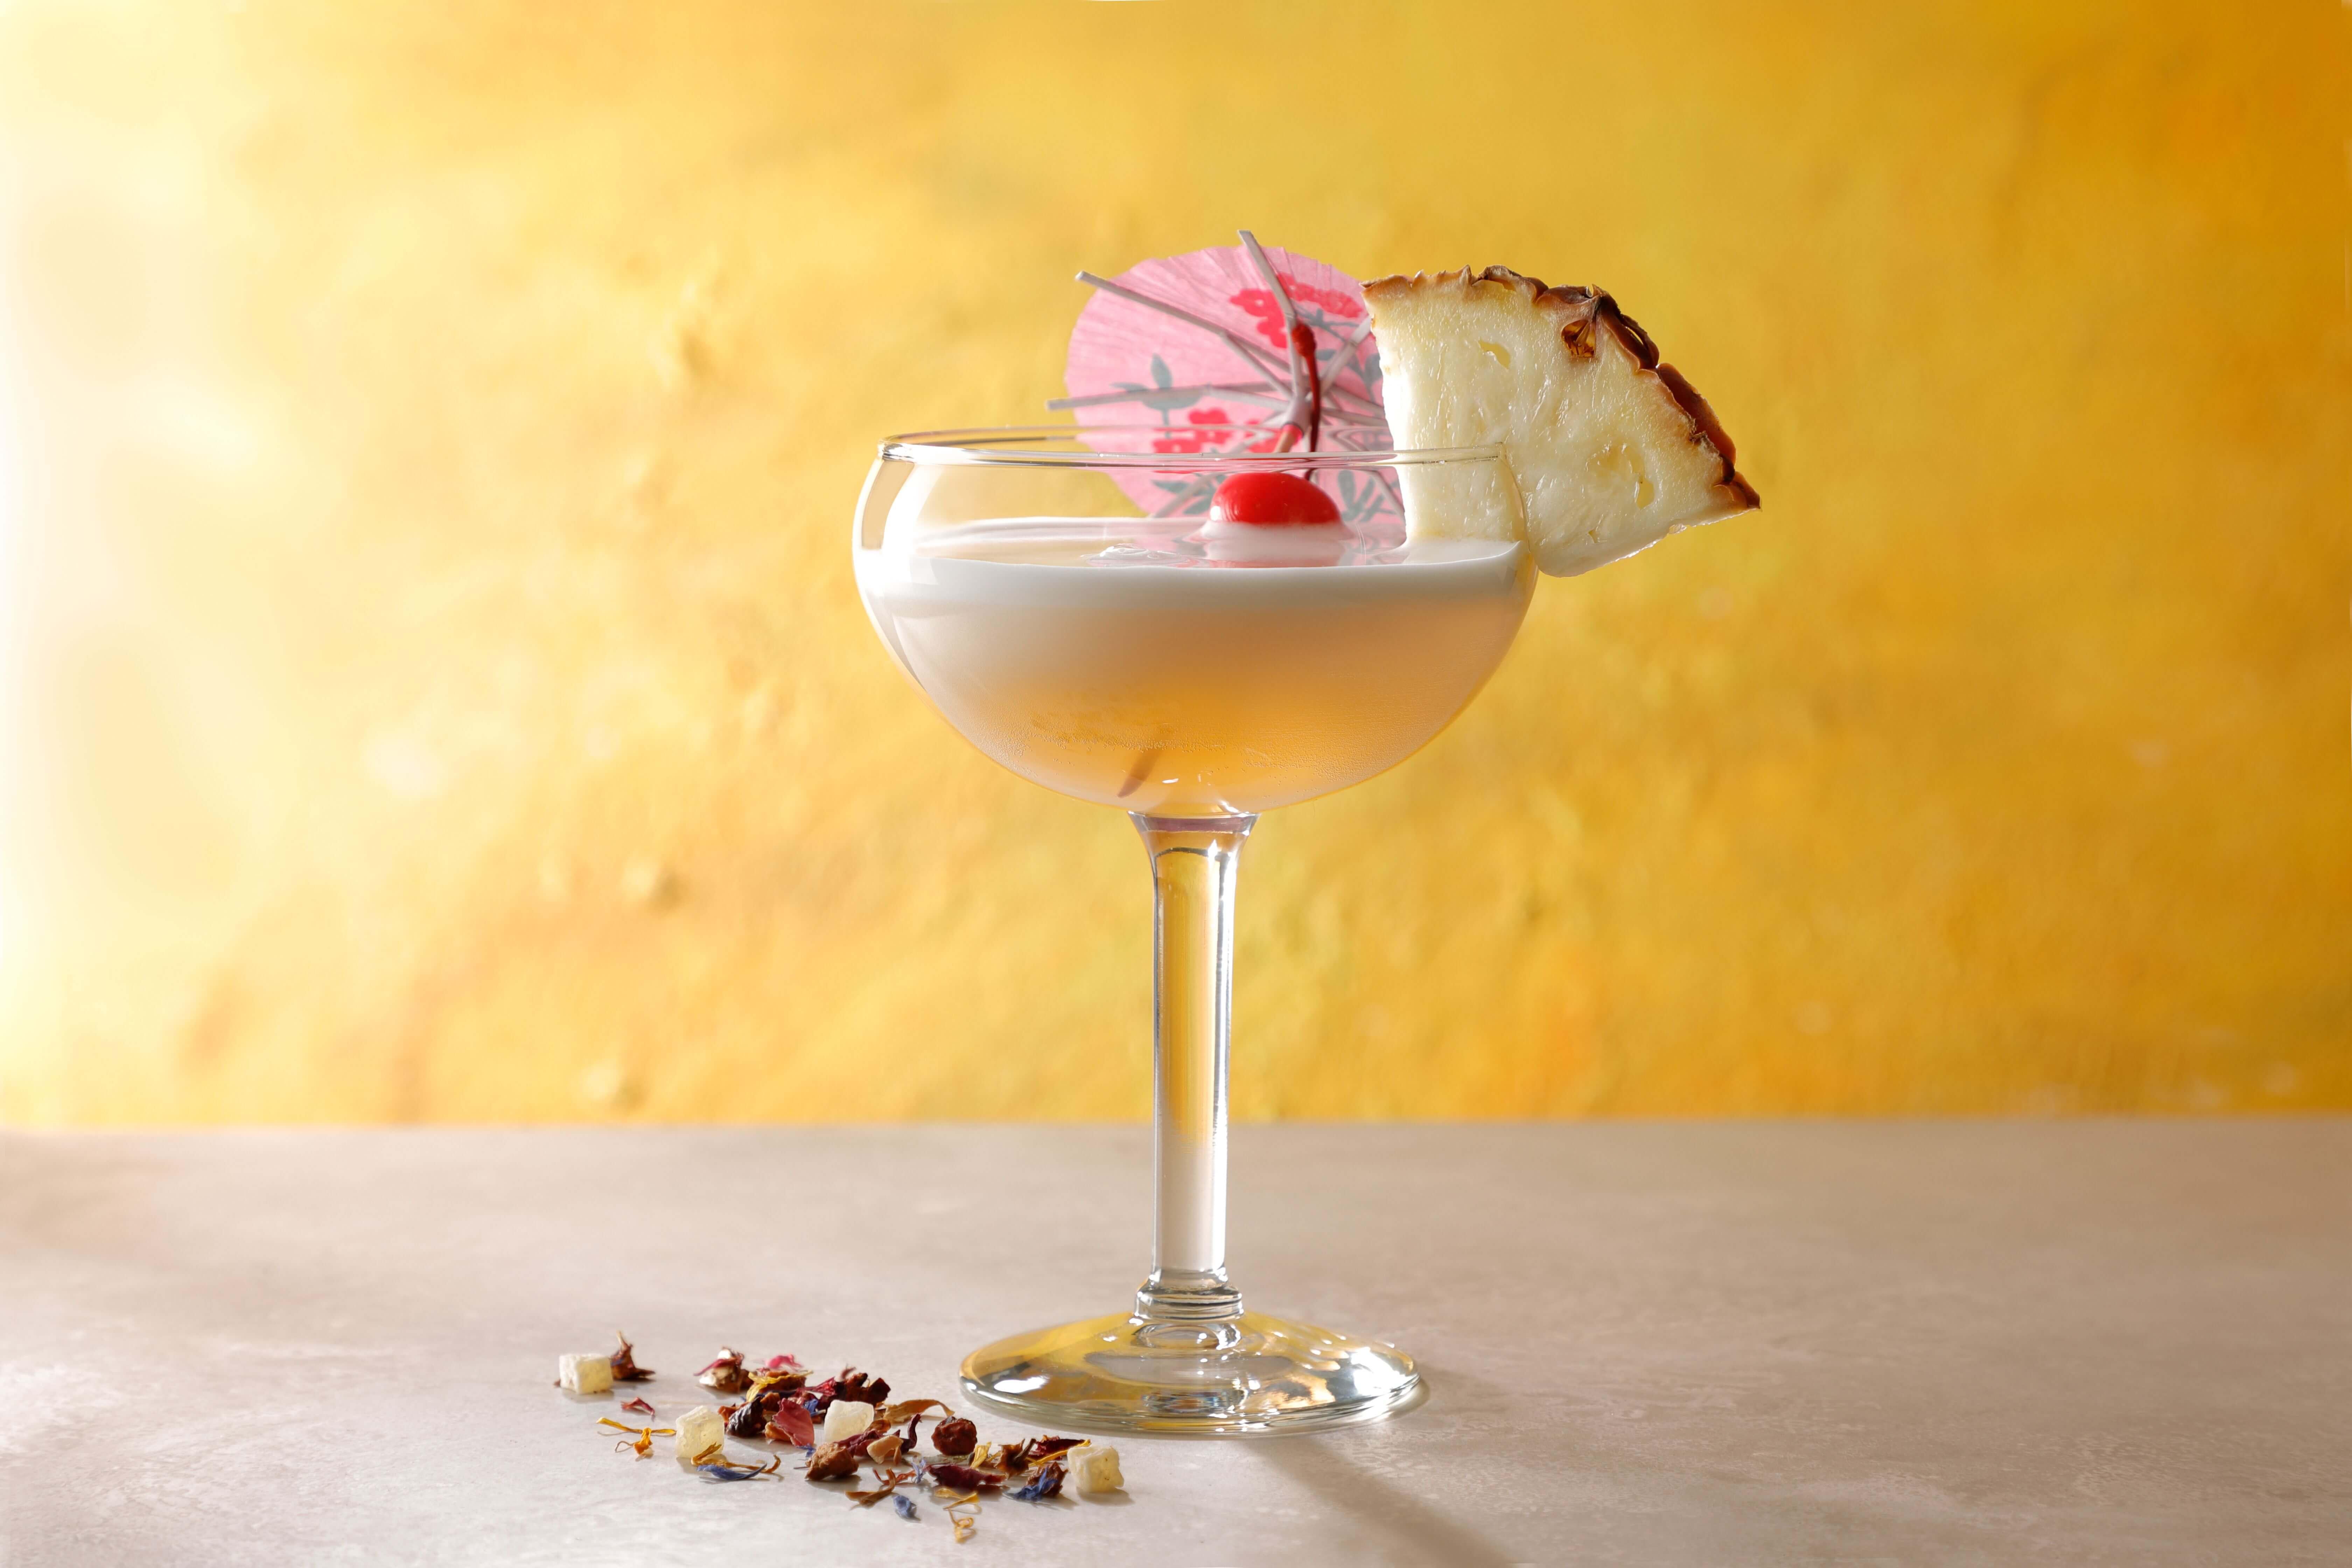 nitro-tea-pineapple-kona-pop